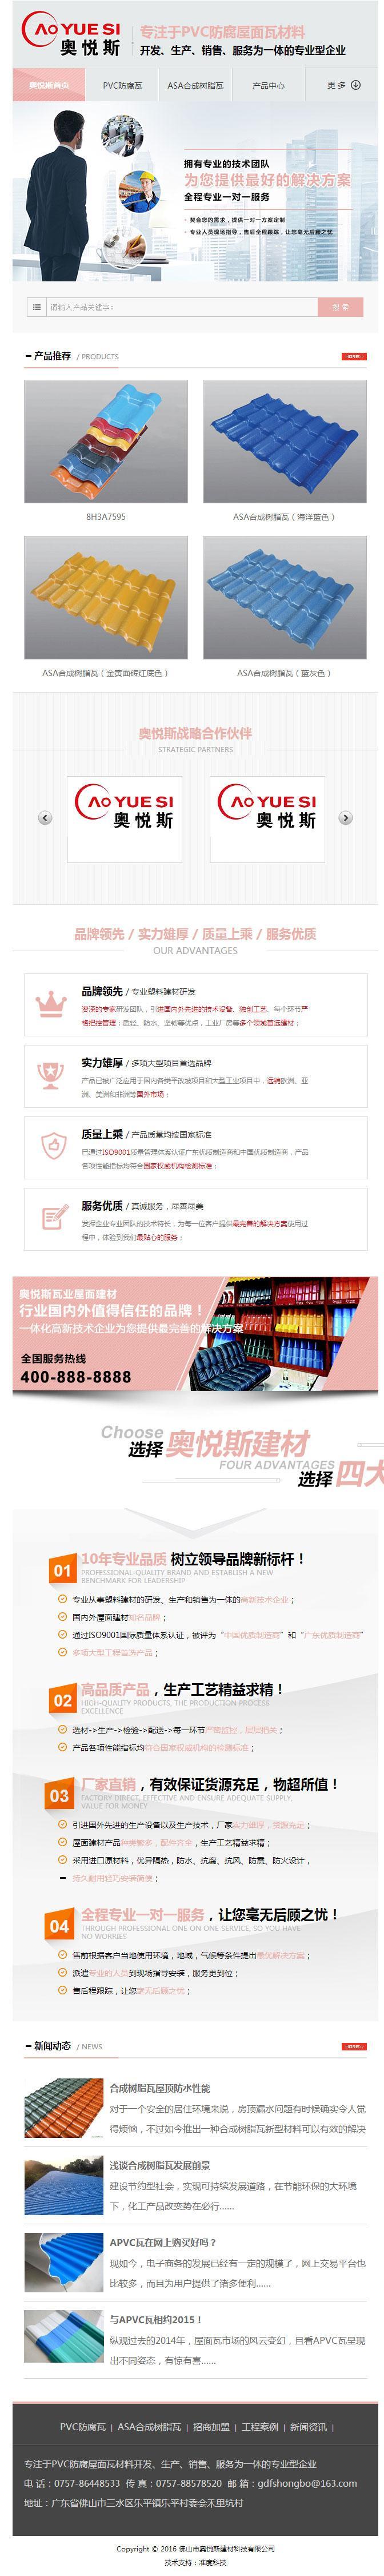 首页_佛山市奥悦斯建材科技有限公司mobile.jpg